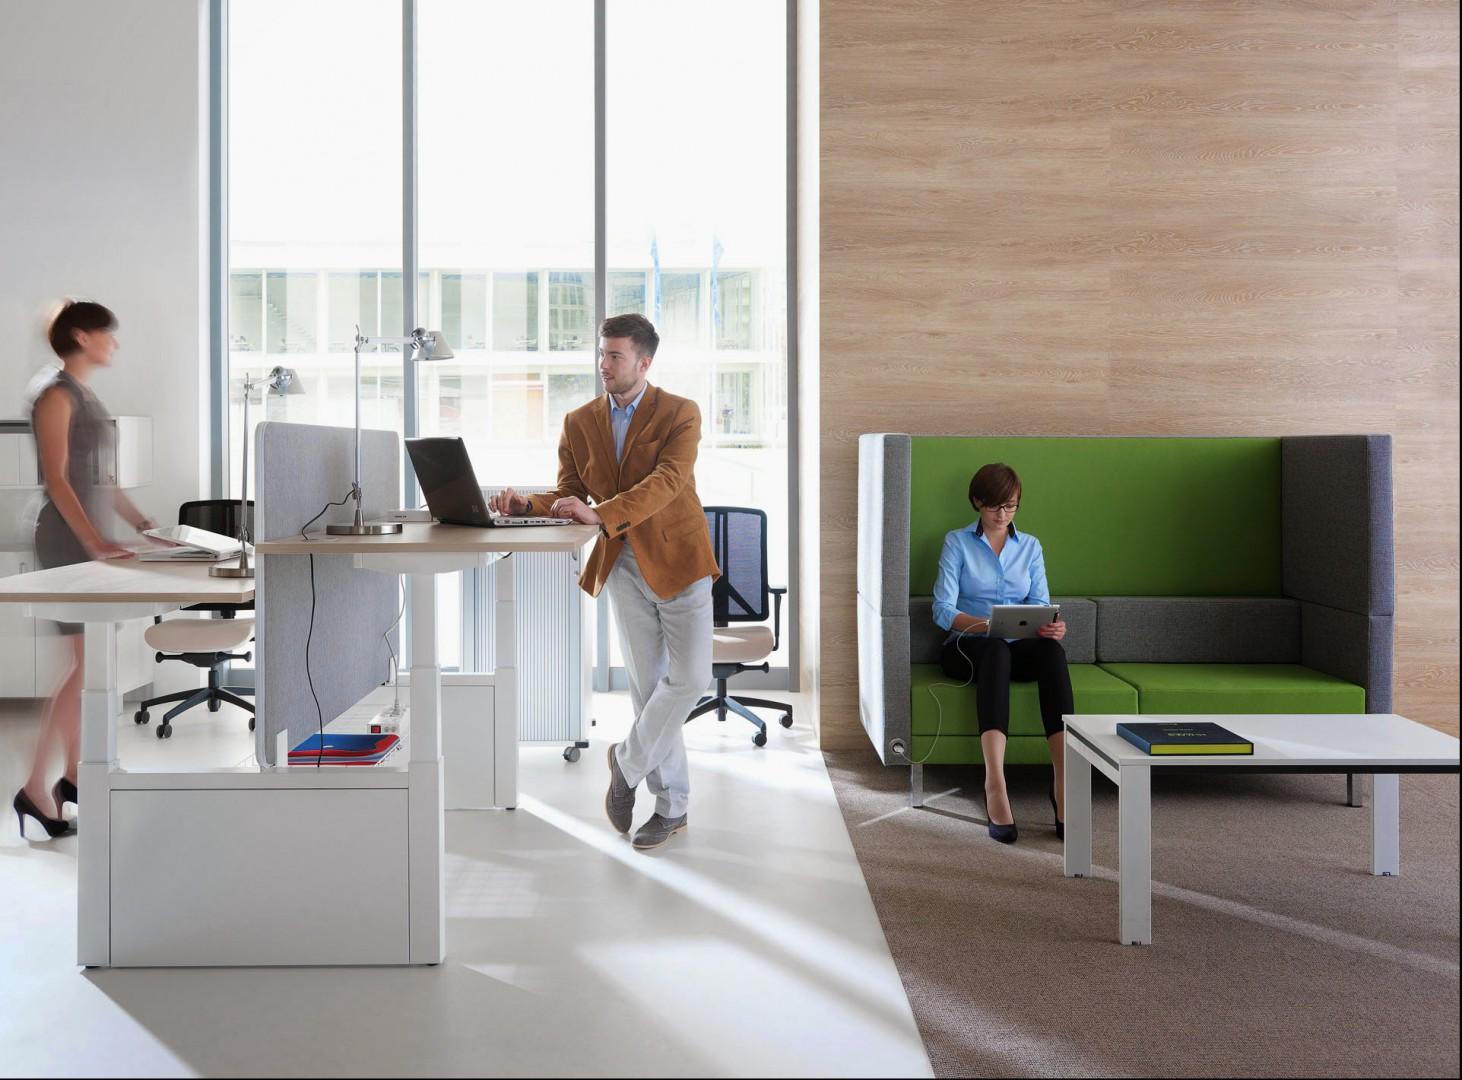 System mebli biurowych Balance projektu Mikomax Team. Dzięki wysokiemu oparciu i zabudowanym brzegom możliwe jest pracowanie nawet, jeśli w pobliżu jest dużo hałasu. Fot. Mikomax Smart Office